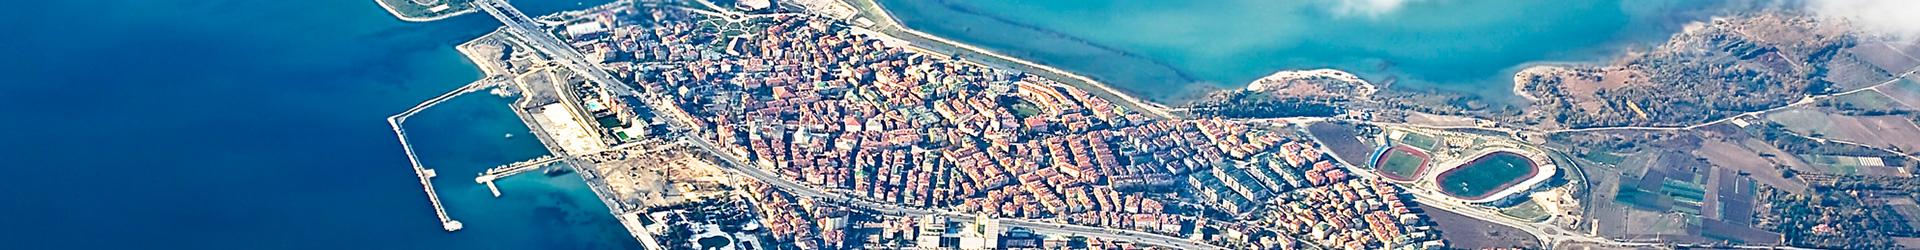 טורקיה במבט ממעוף הציפור